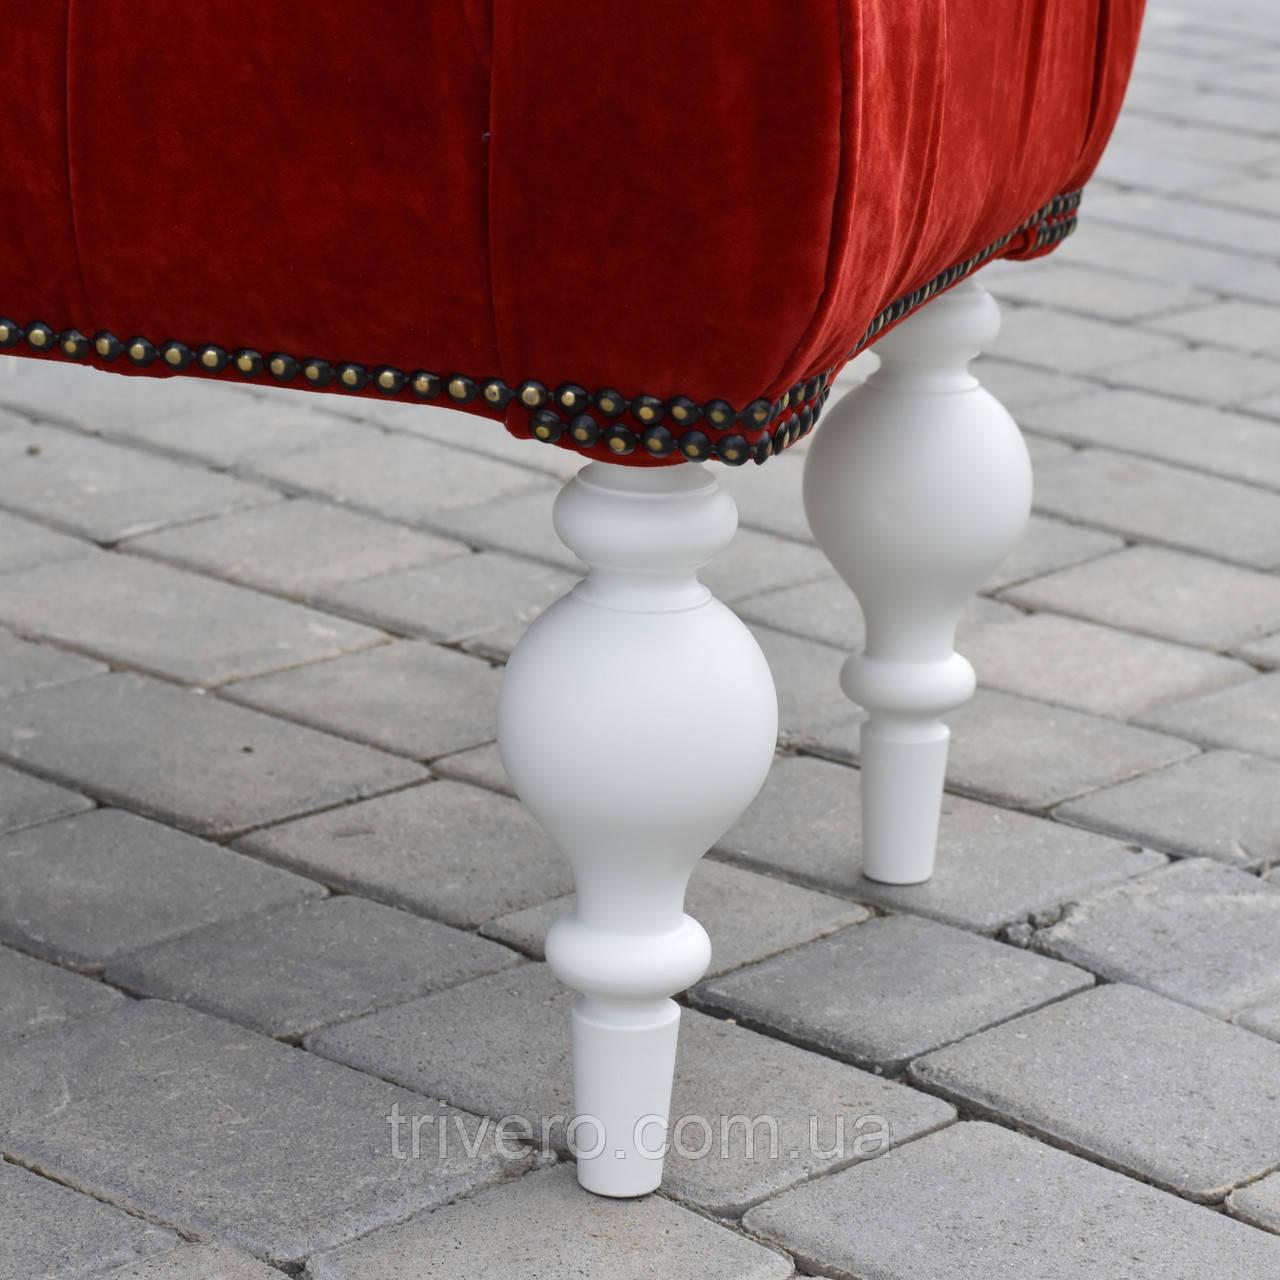 Мебельные ножки из дерева для софы банкетки пуф